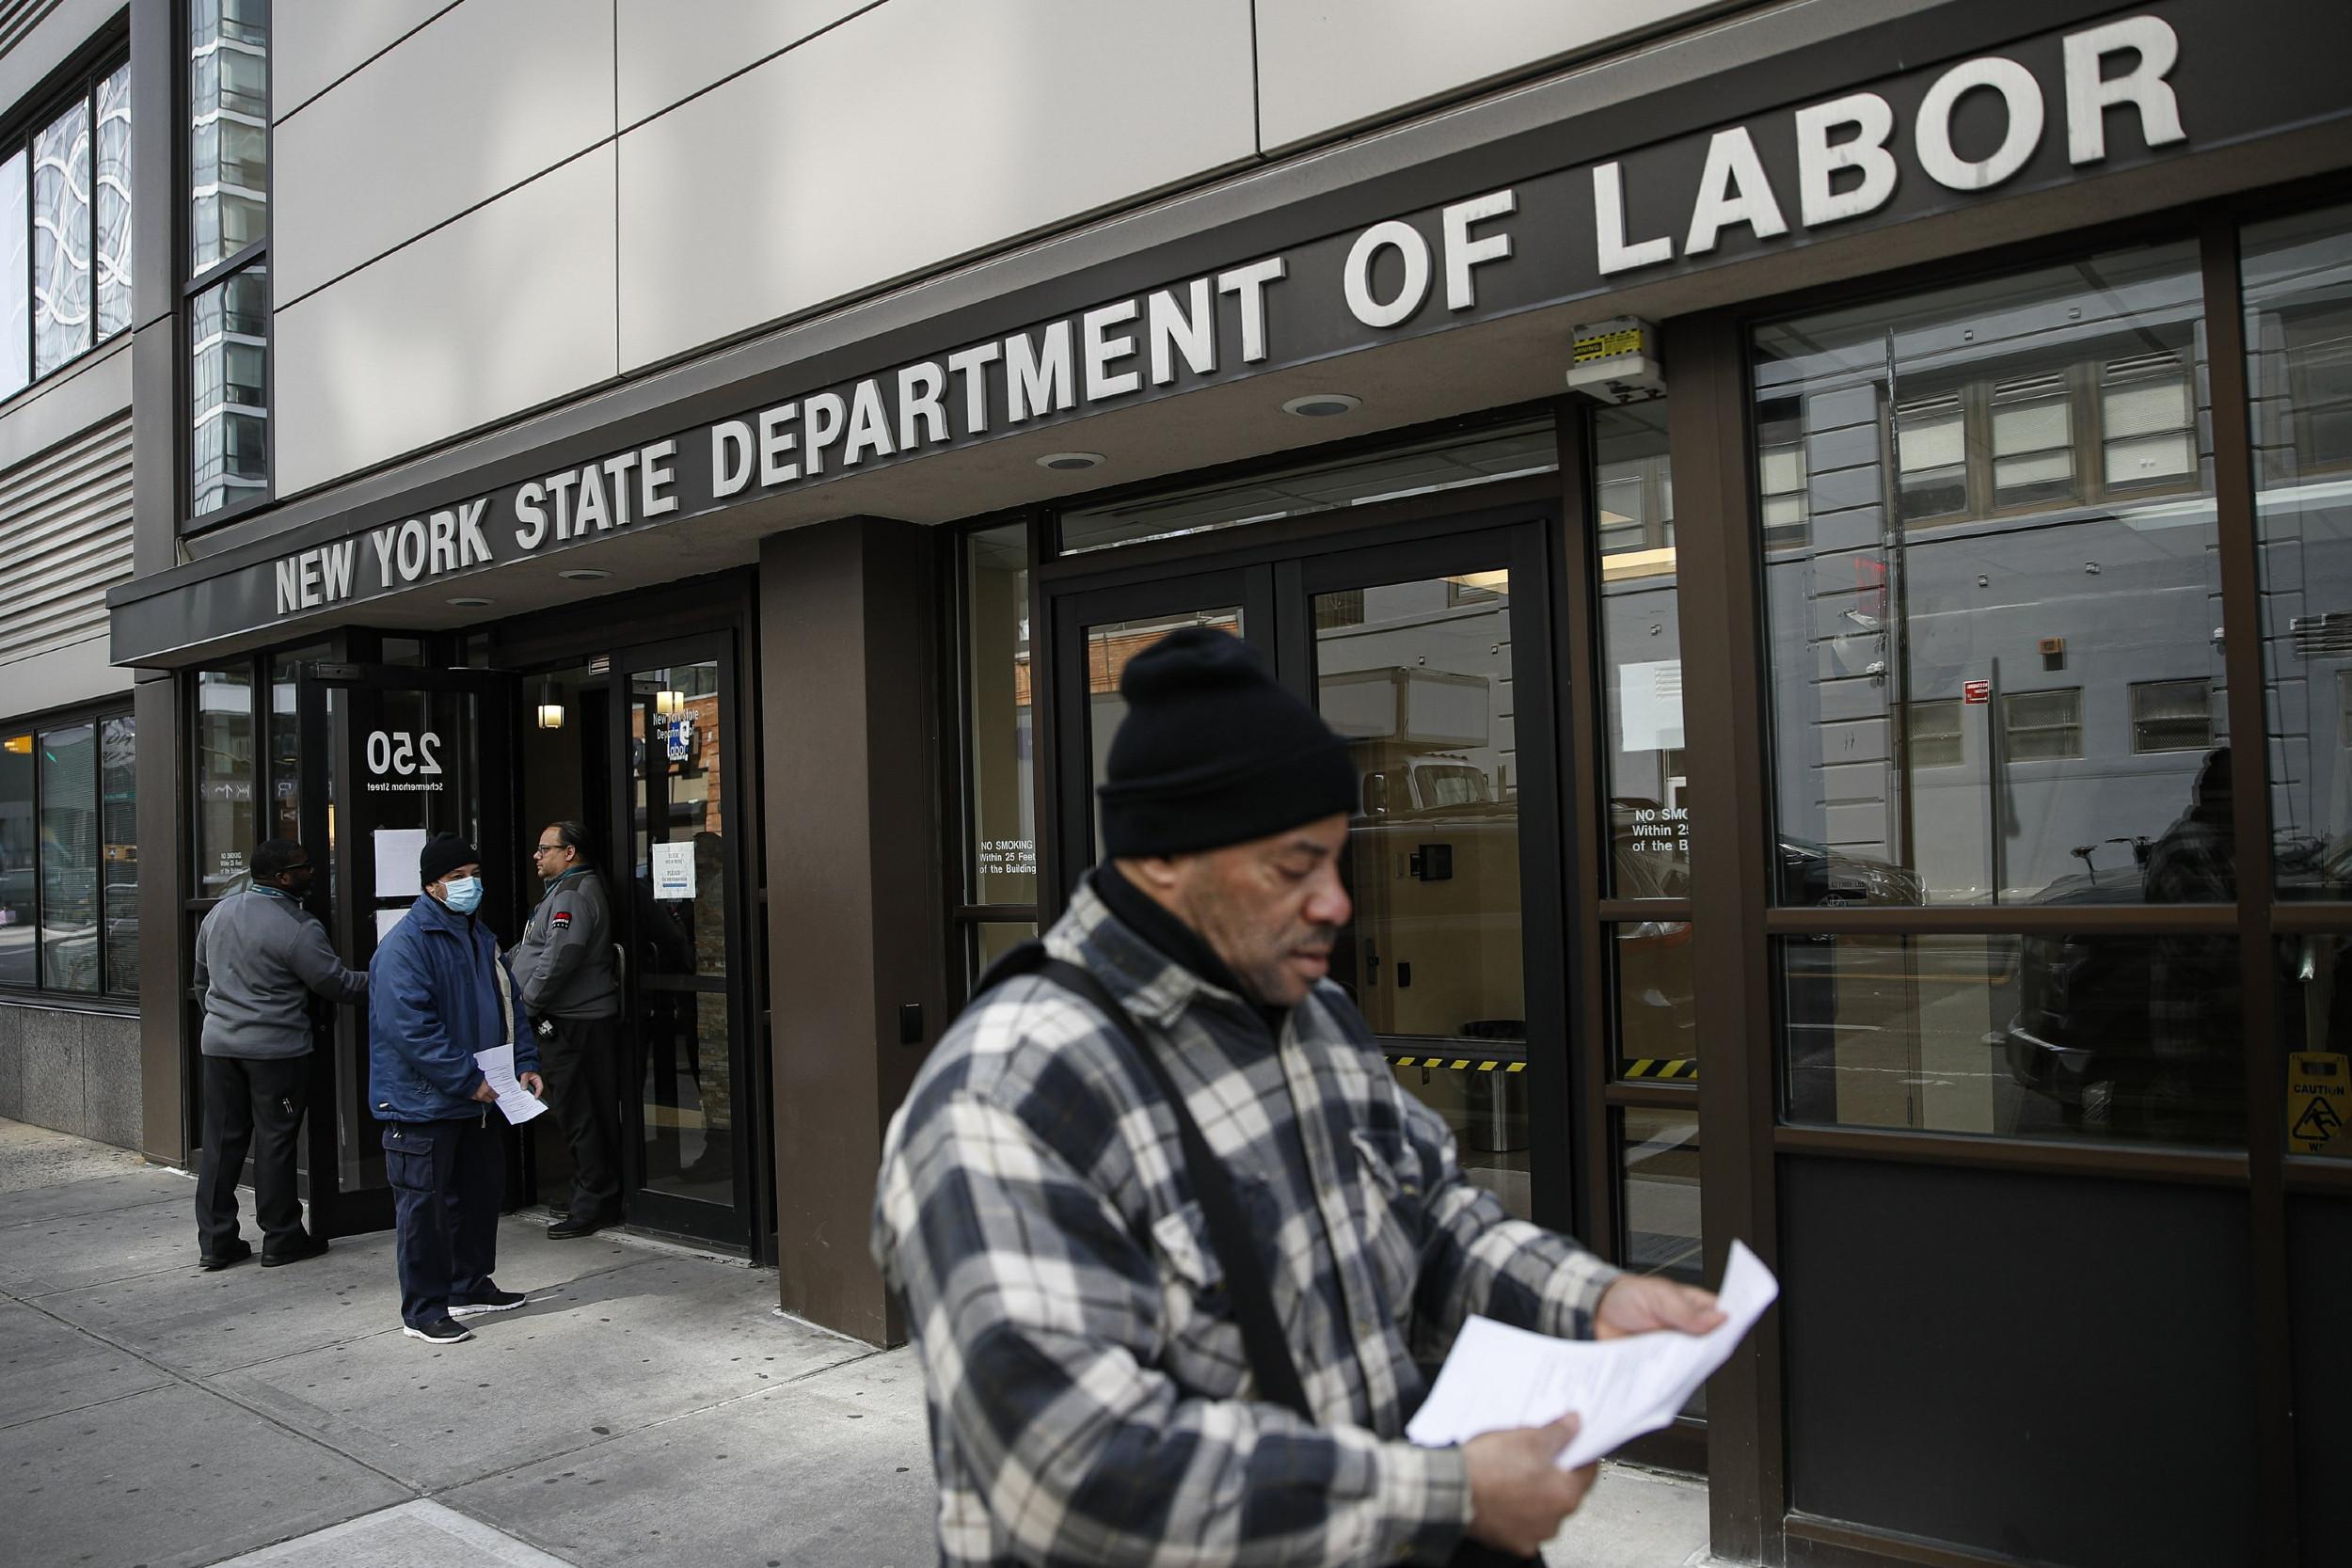 Građani Njujorka prolaze pored zgrade Ministarstva rada, 18. mart 2020. (Foto: AP Photo/John Minchillo)